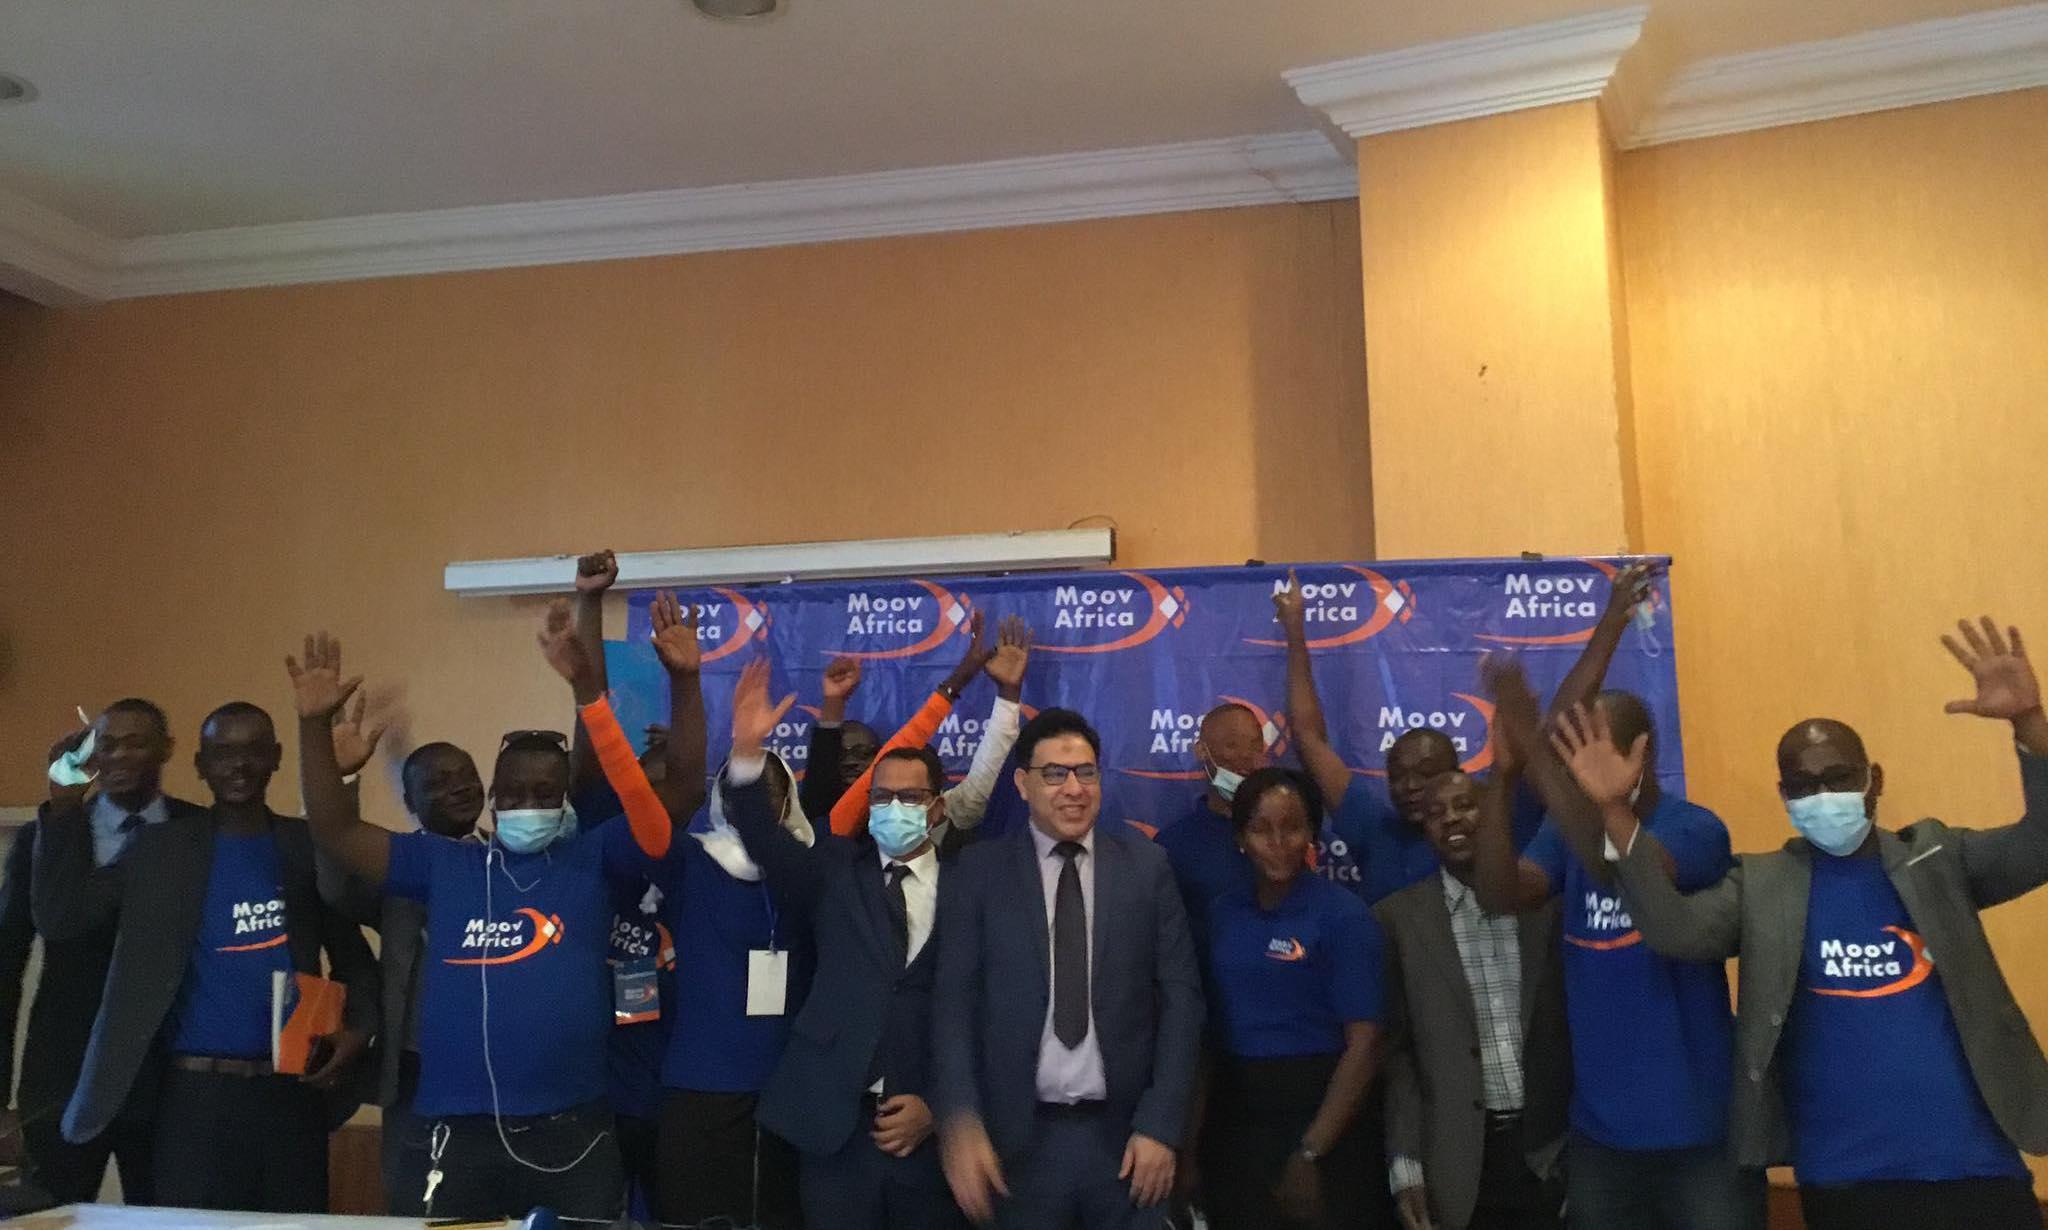 Tchad : Moov Africa remplace désormais Tigo